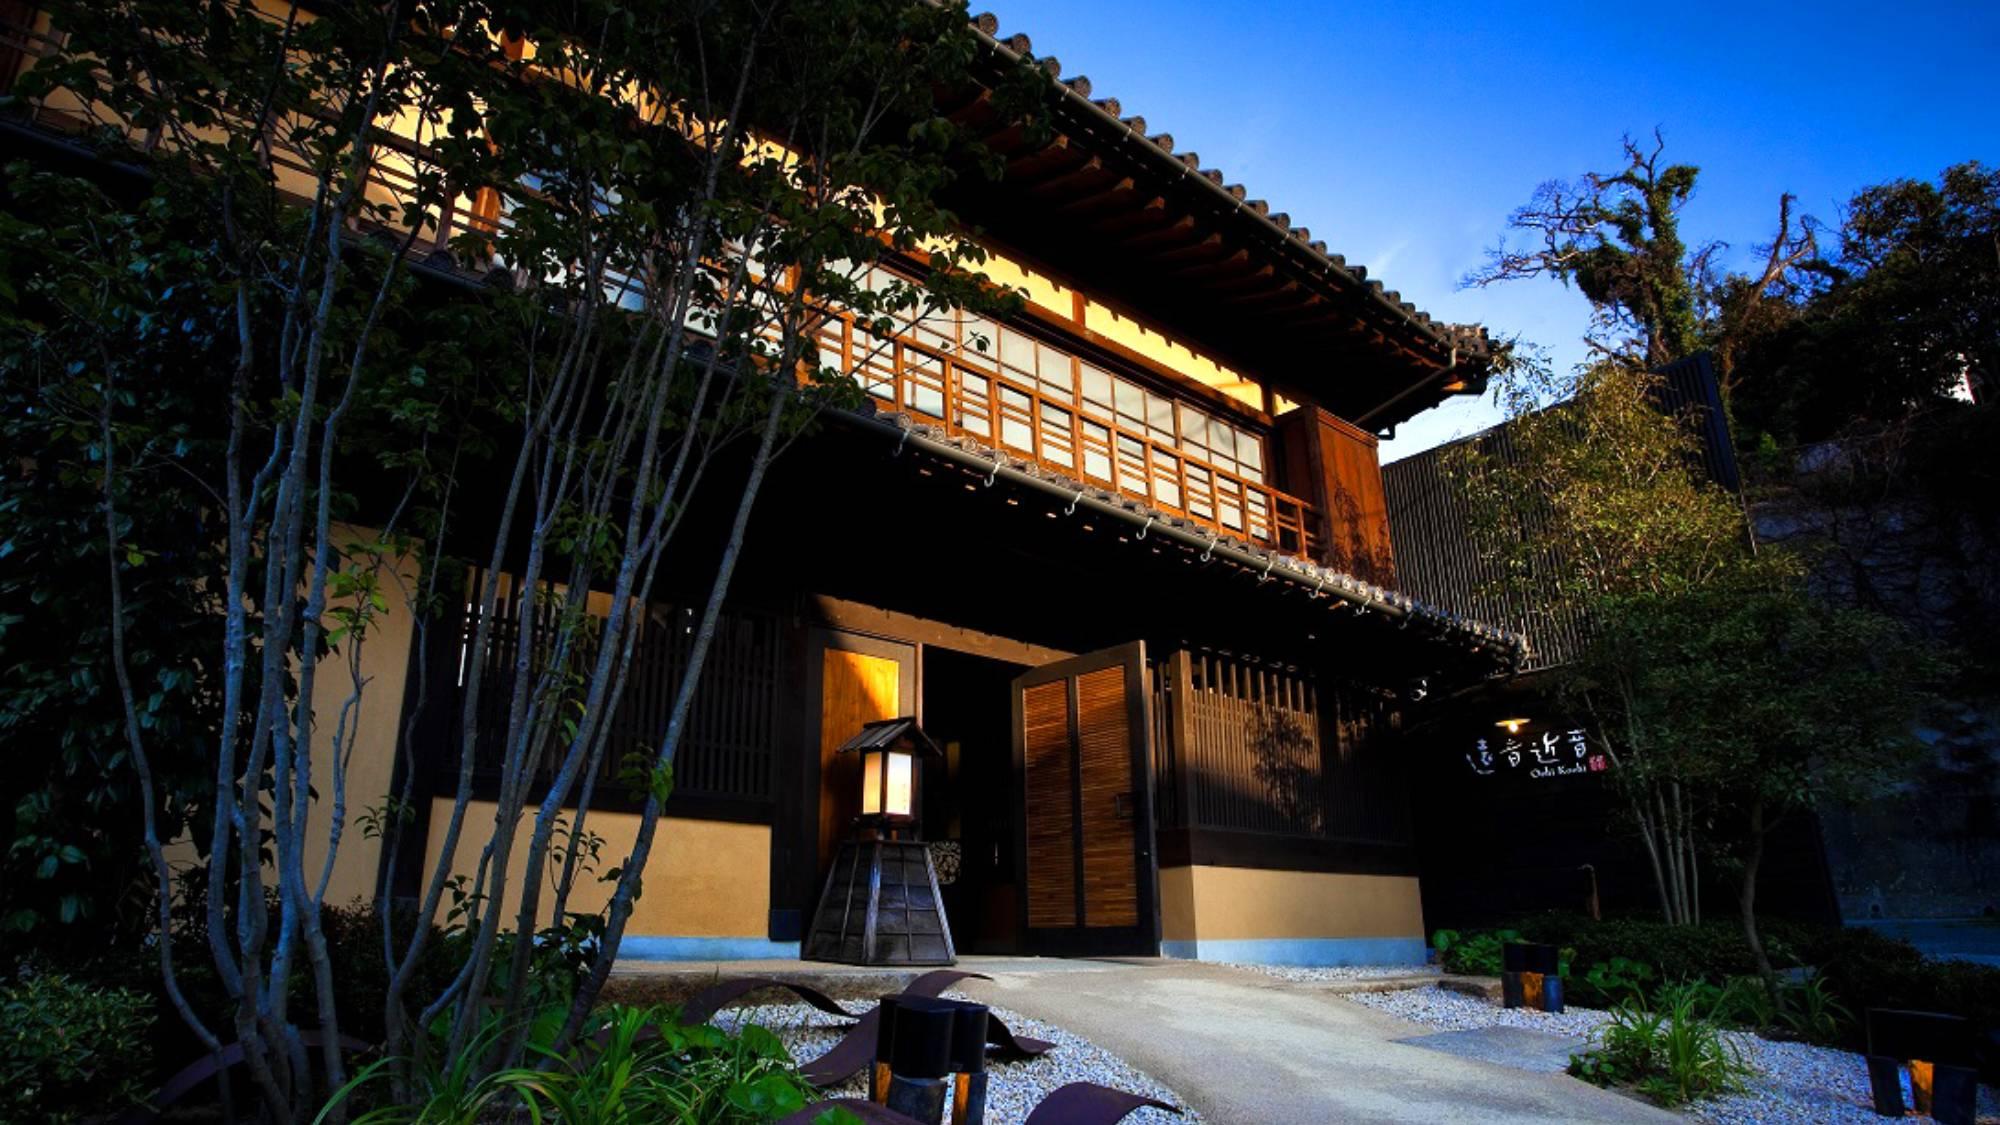 鞆の浦温泉 汀邸 遠音近音(みぎわてい をちこち)広島県